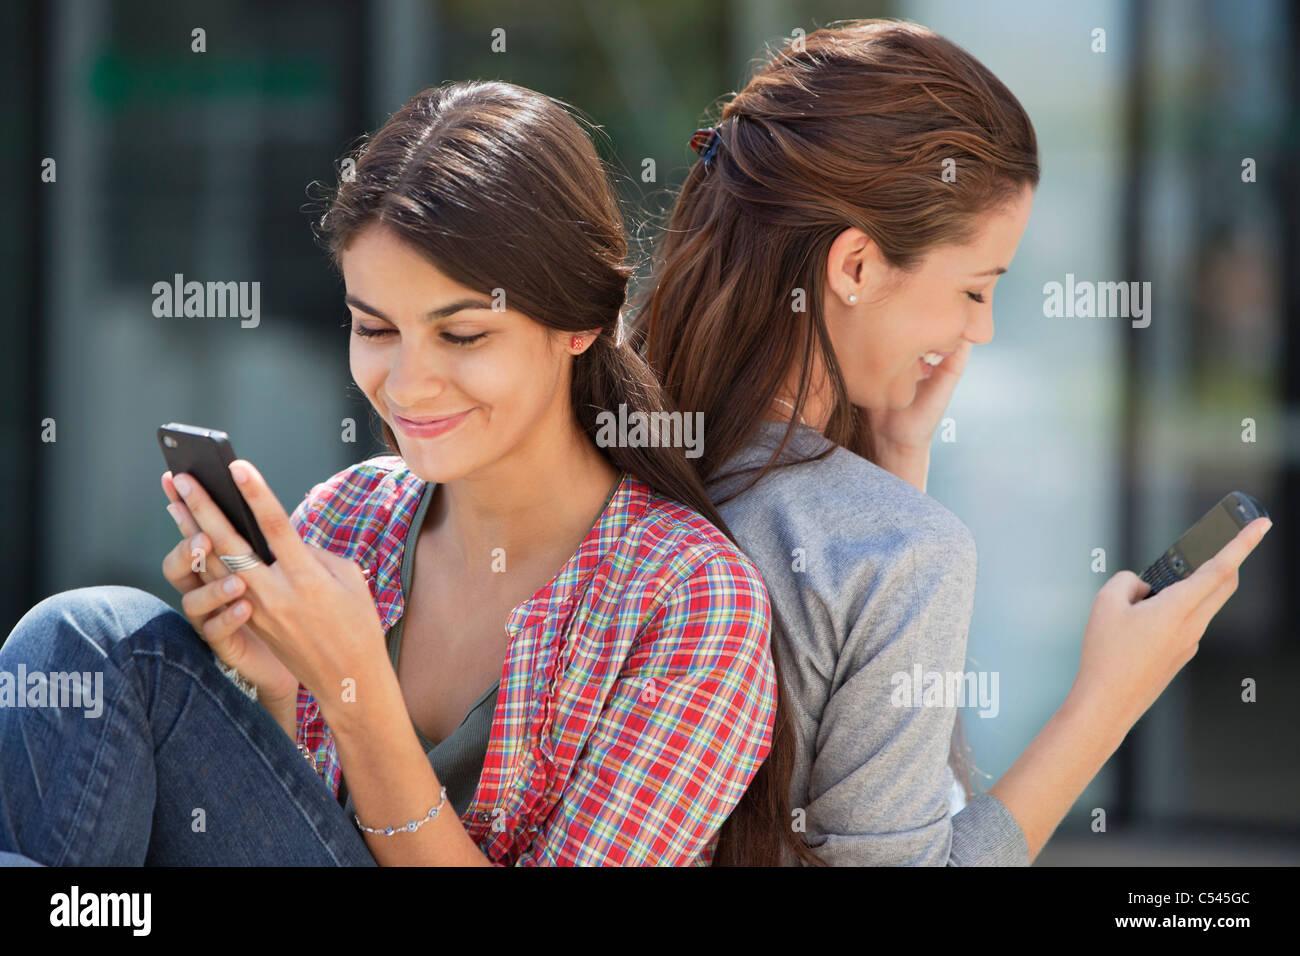 Due giovani donne seduta di schiena e messaggistica di testo Immagini Stock